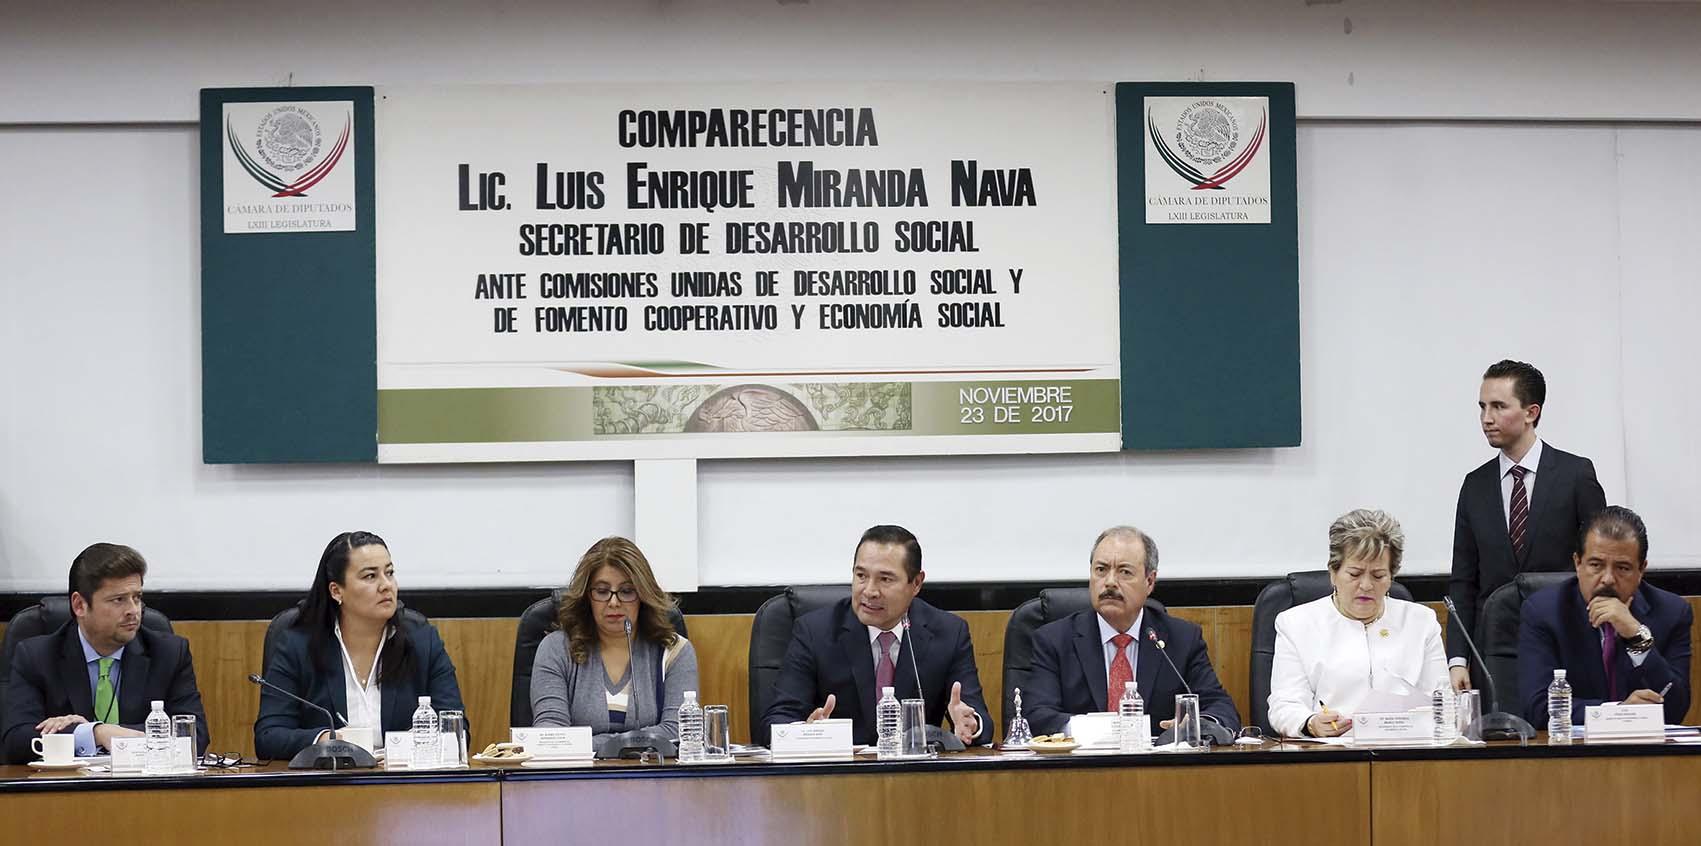 """Photo of """"La política social que asume voluntades, se traduce en más justicia y democracia"""": Luis Enrique Miranda Nava"""